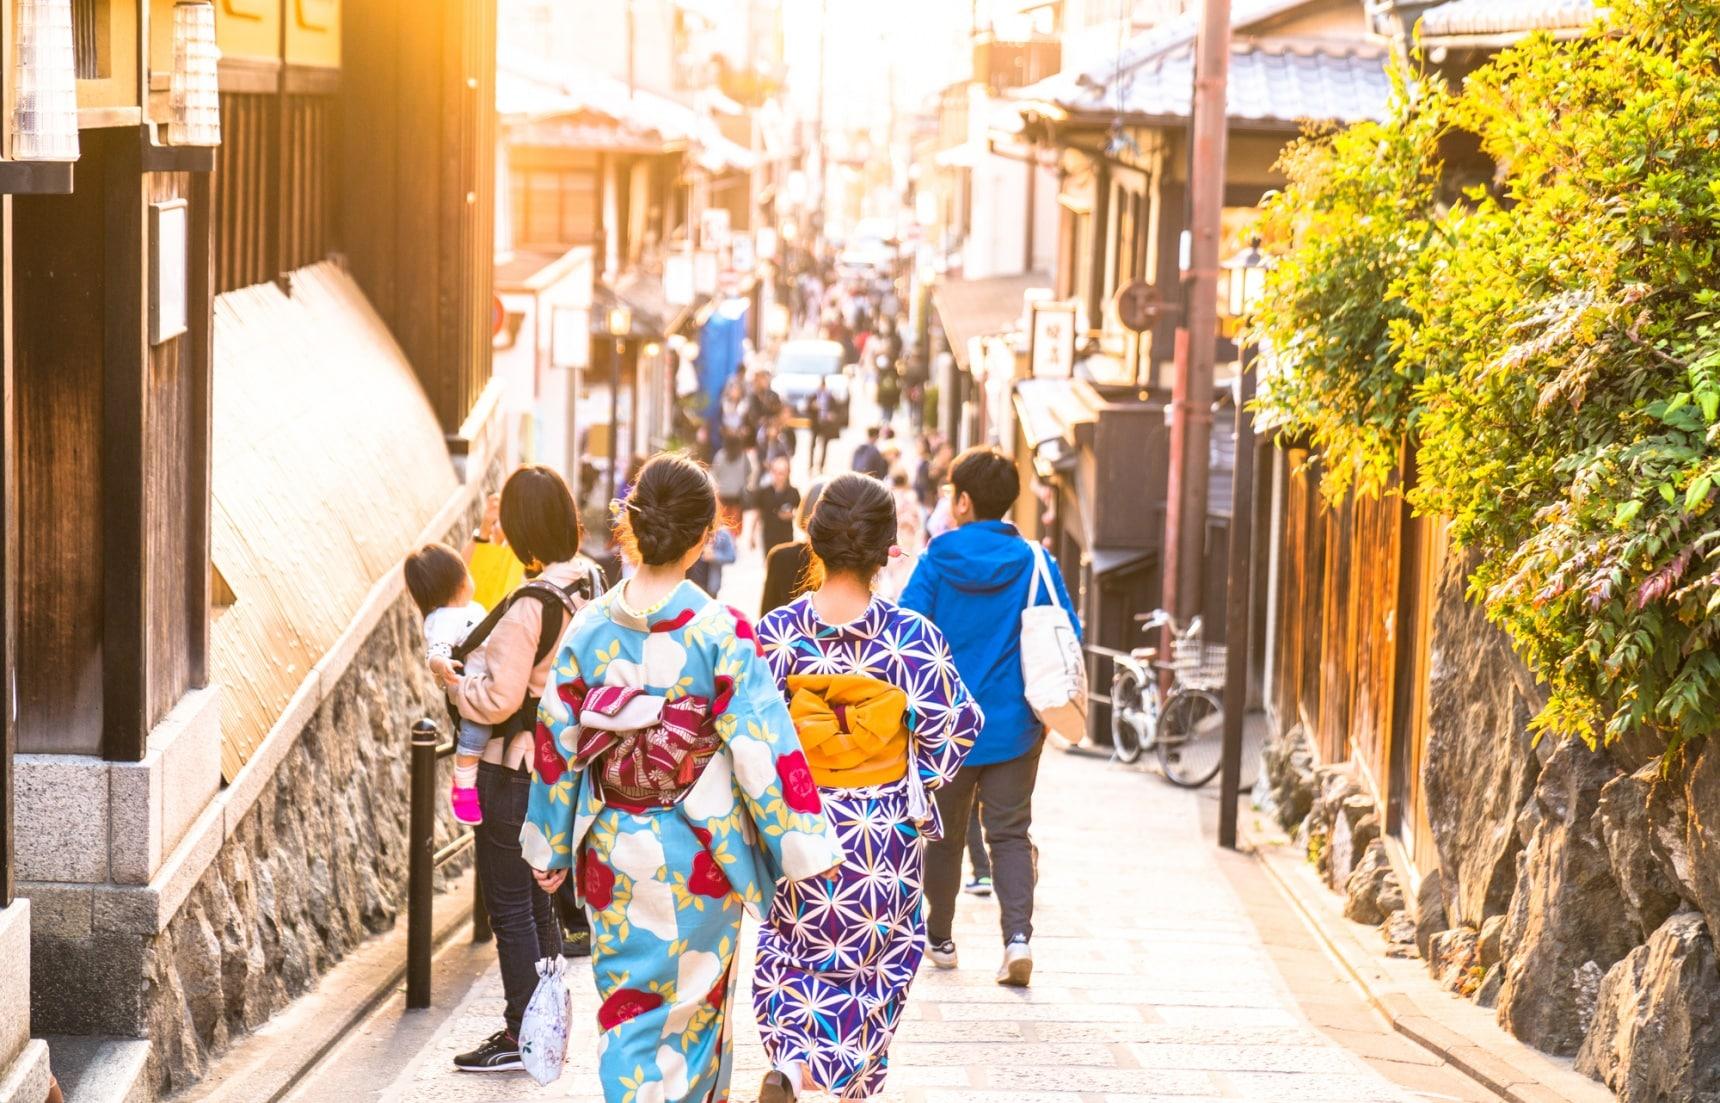 【京都自由行】新手老手皆適用!一日京都市區行程規劃